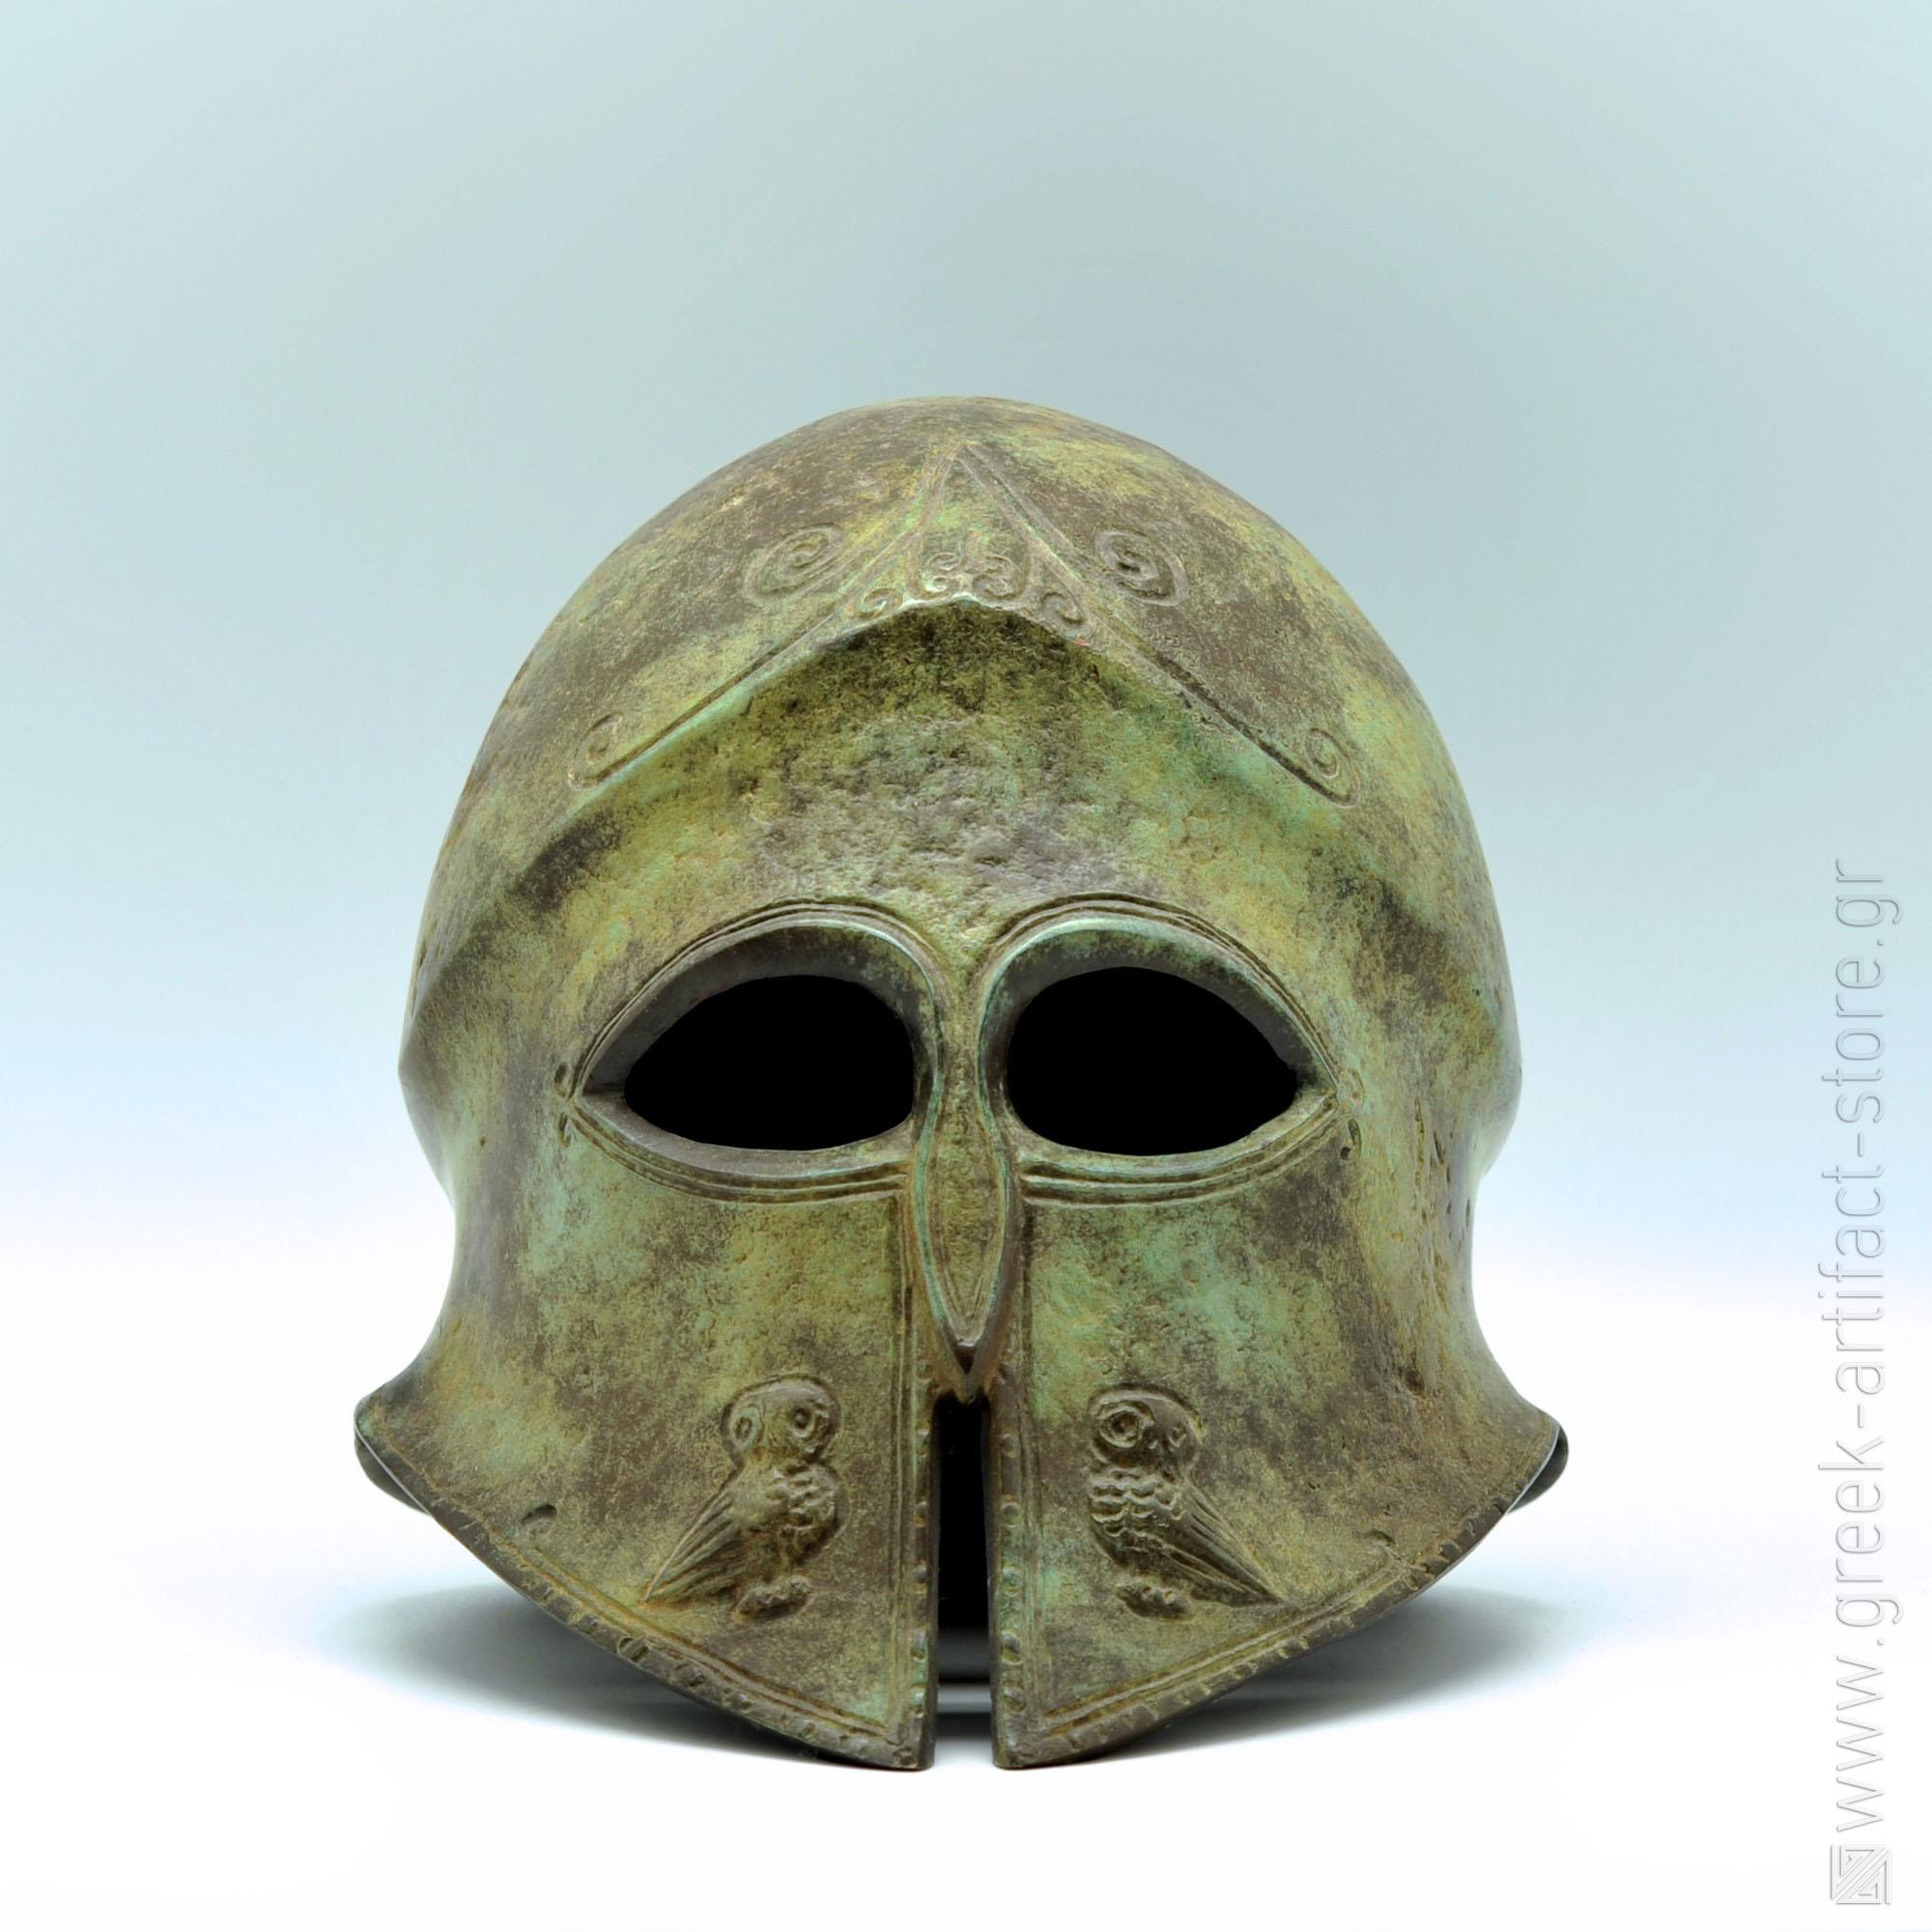 Athenian helmet oxidized bronze (20 cm)